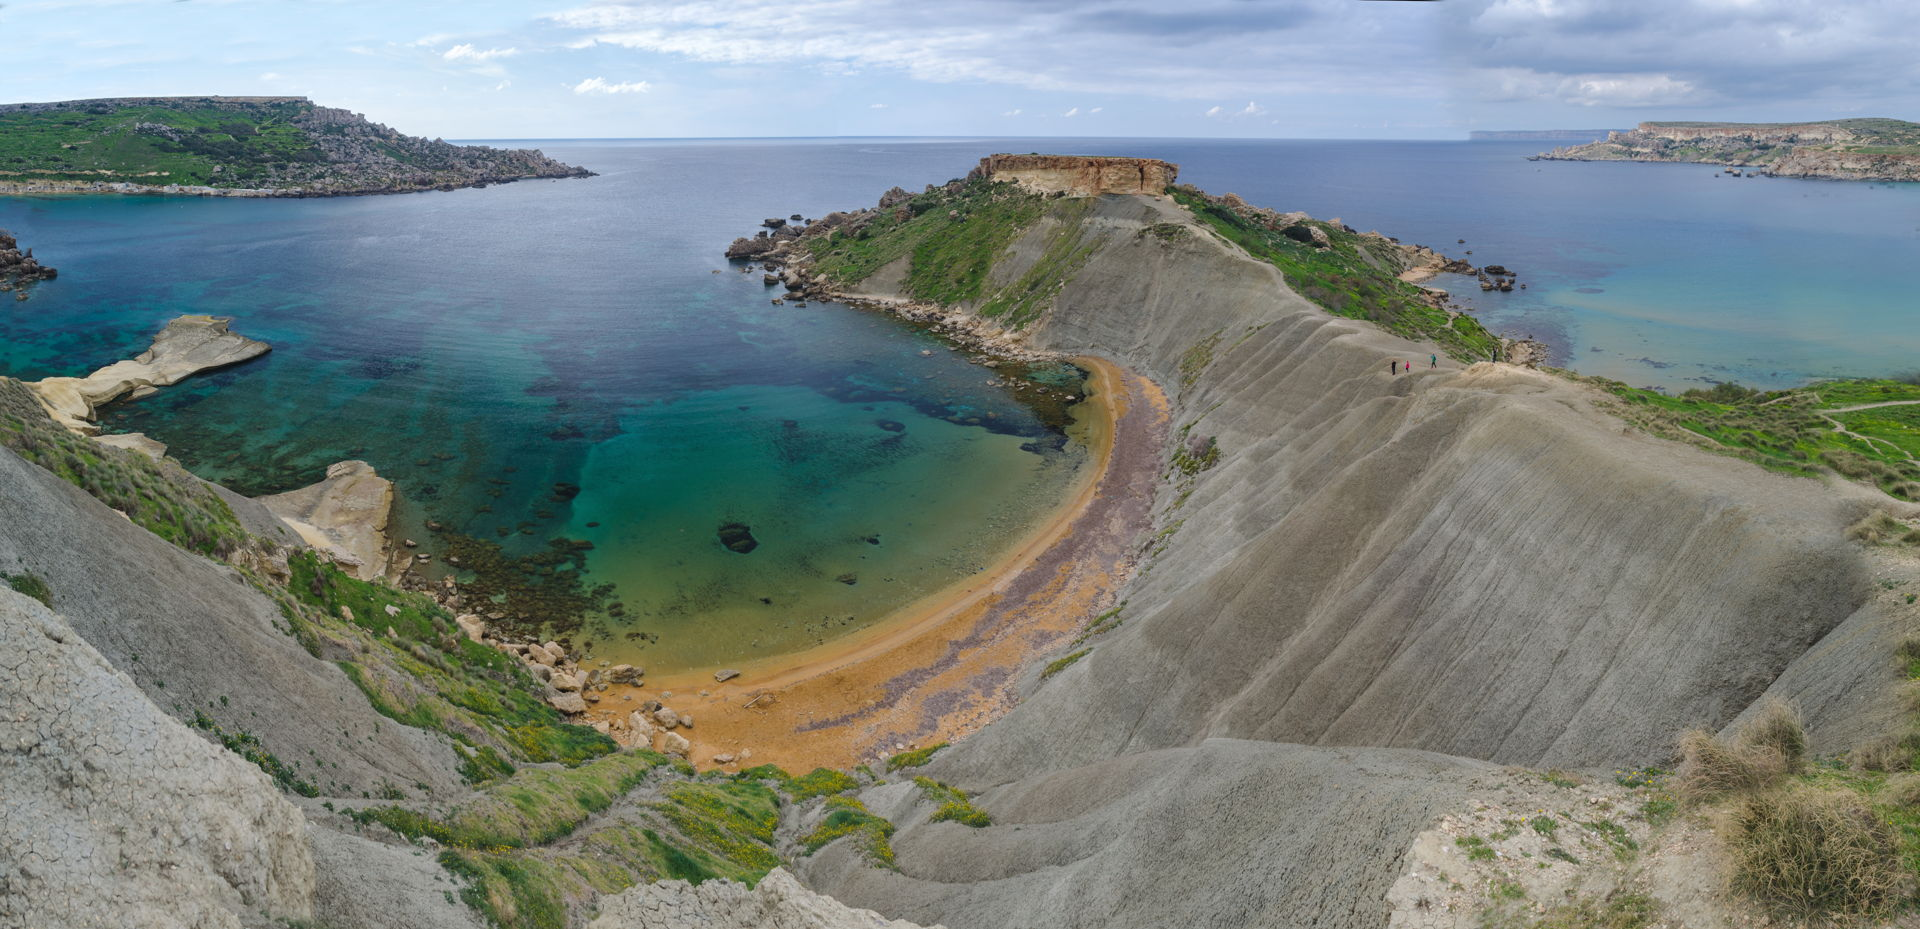 Għajn Tuffieħa, golden bay, ghajn tuffieha, malta best beach, malta golden bay, best beach of malta, Għajn Tuffieħa best beach, hiking Għajn Tuffieħa, hiking malta